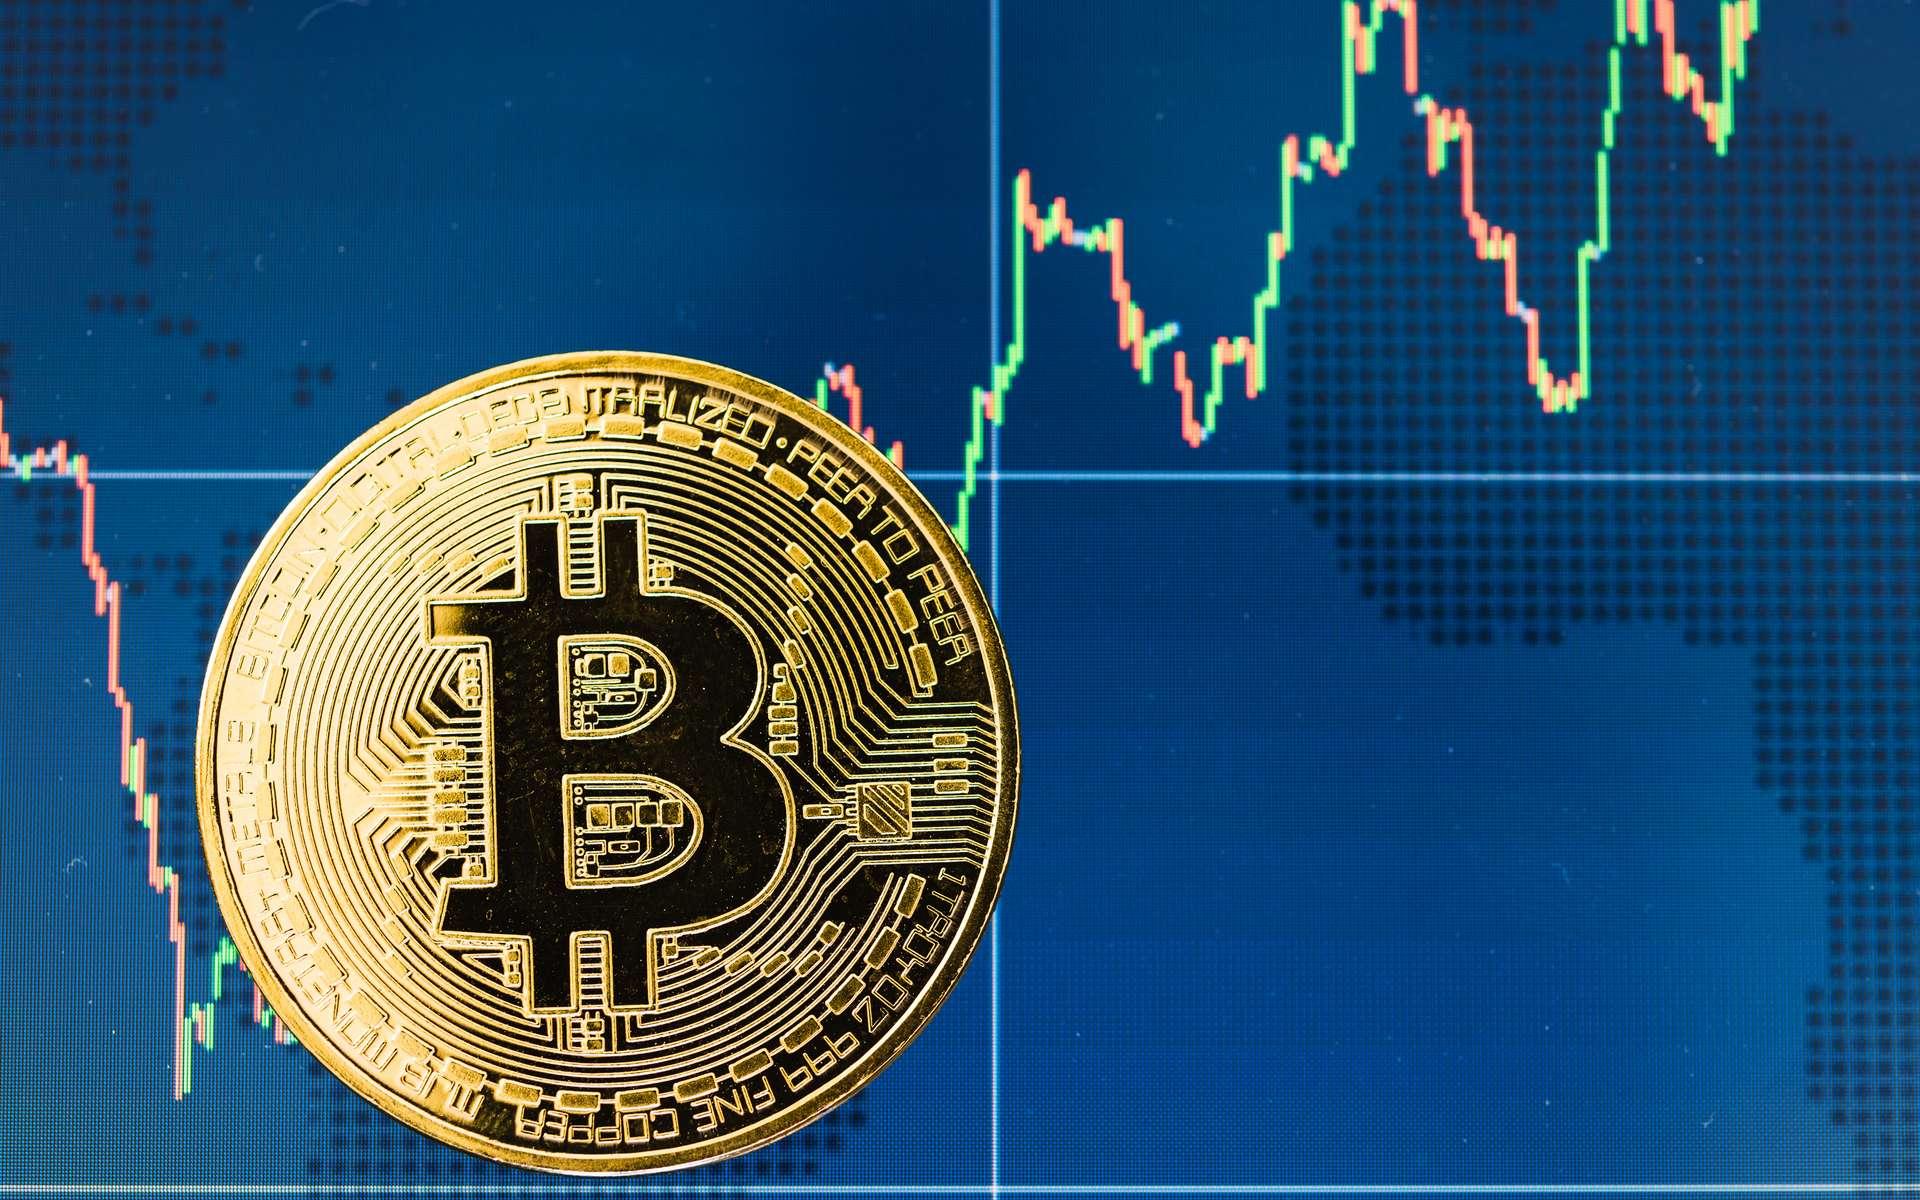 Même en cas de crise, les investisseurs semblent continuer de faire confiance aux crytomonnaies. © Sorapop, Adobe Stock